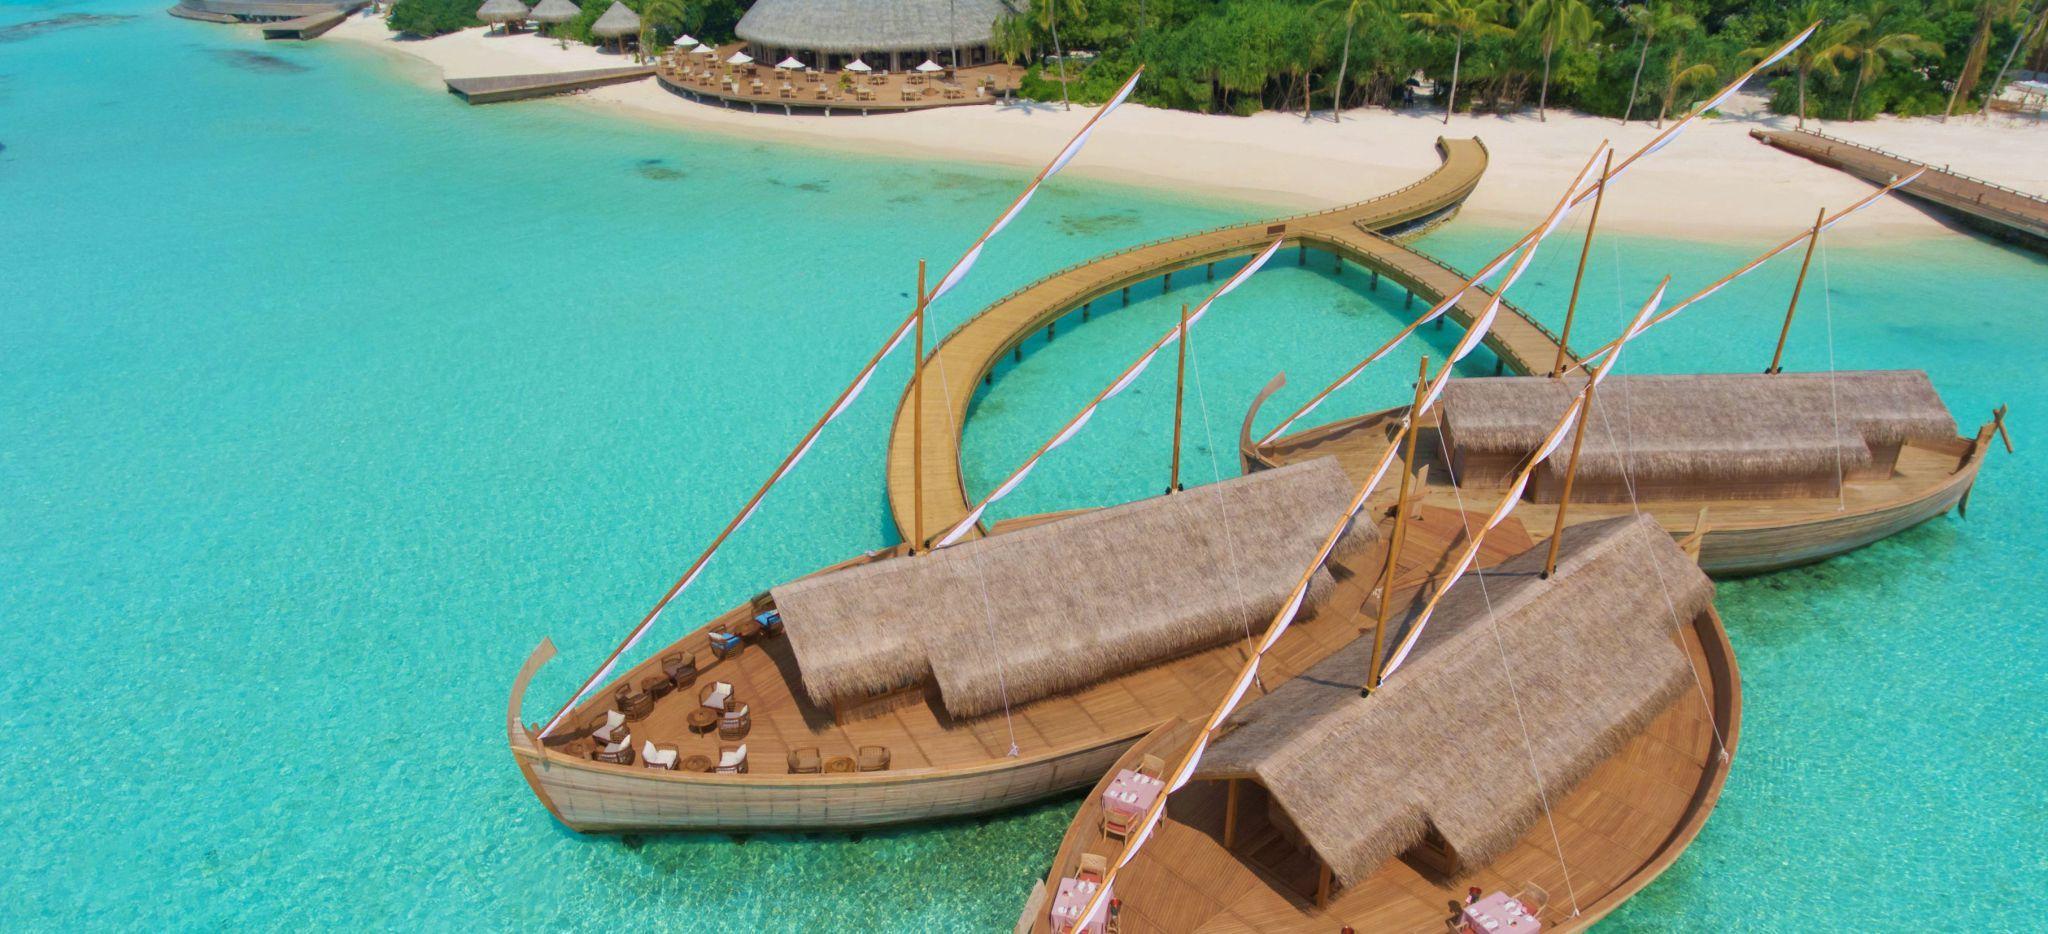 """Ein Restaurant in der Lagune der Malediveninsel Milaidhoo, geformt wie die traditionellen maledivischen Boote, """"Dhoni"""" genannt"""